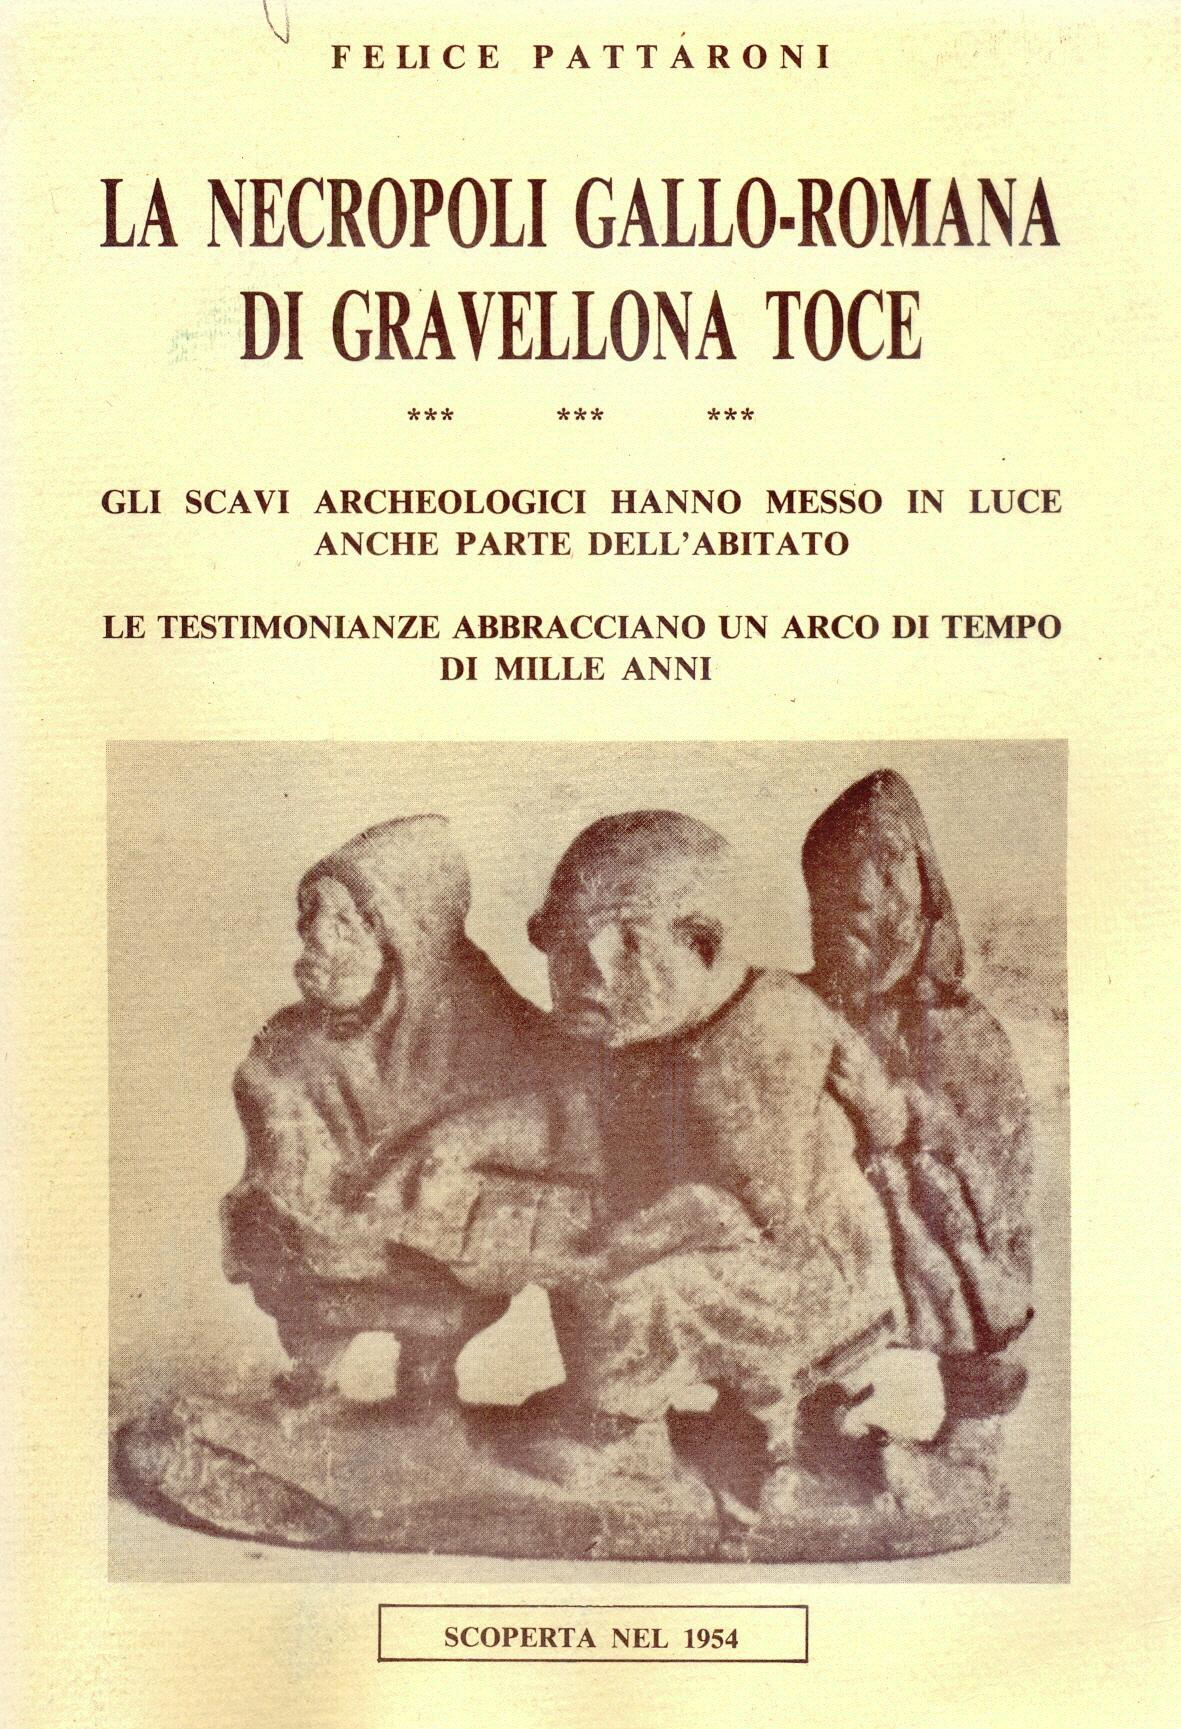 La necropoli gallo-romana di Gravellona Toce